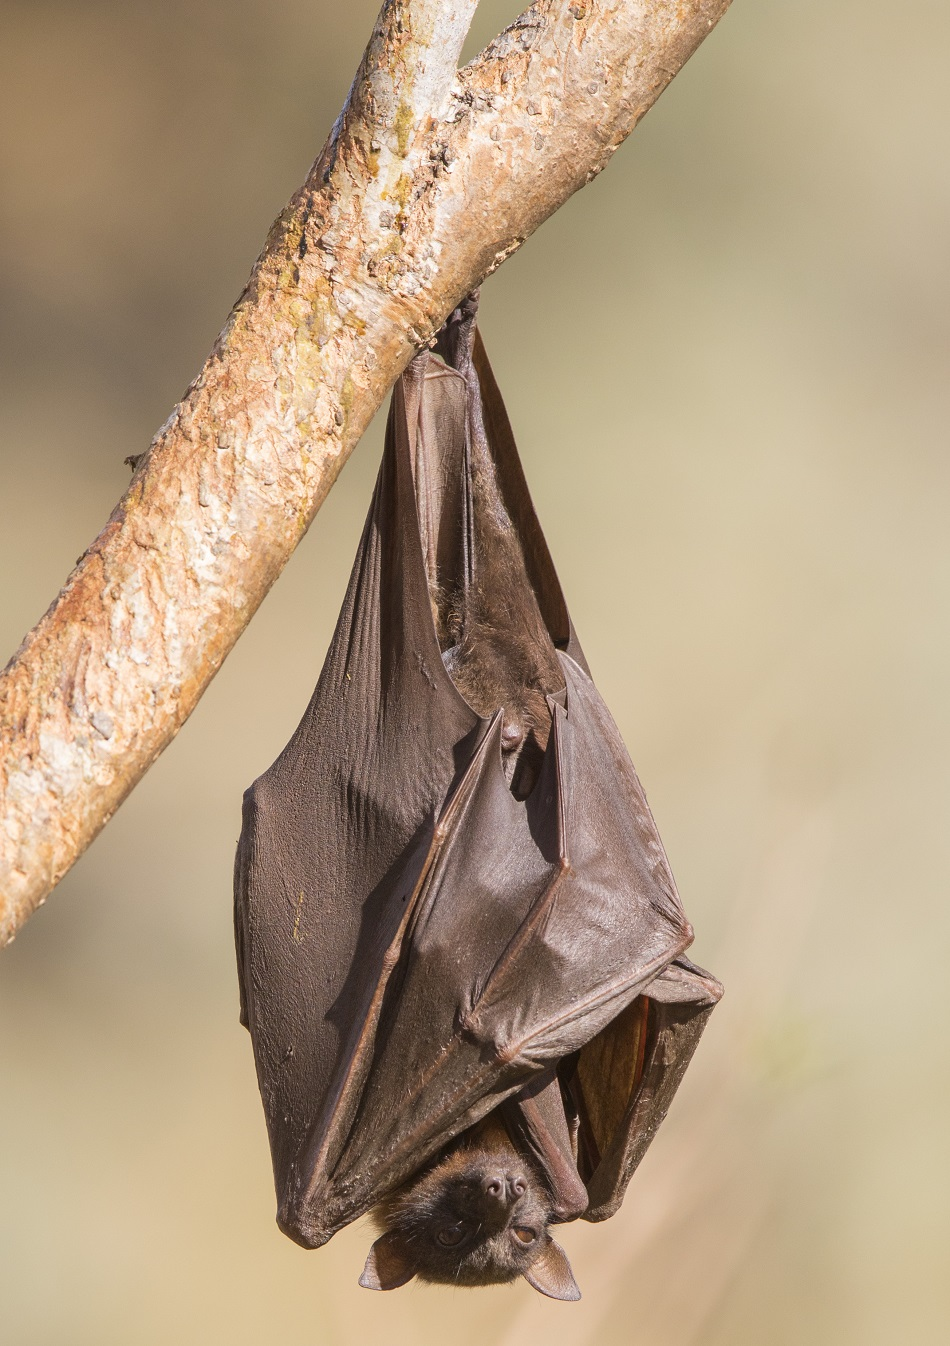 Dospělý kaloň vábivý Pteropus alecto váží kolem 710 g, foto Andreas Trepte/CC BY-SA (https://creativecommons.org/licenses/by-sa/4.0).